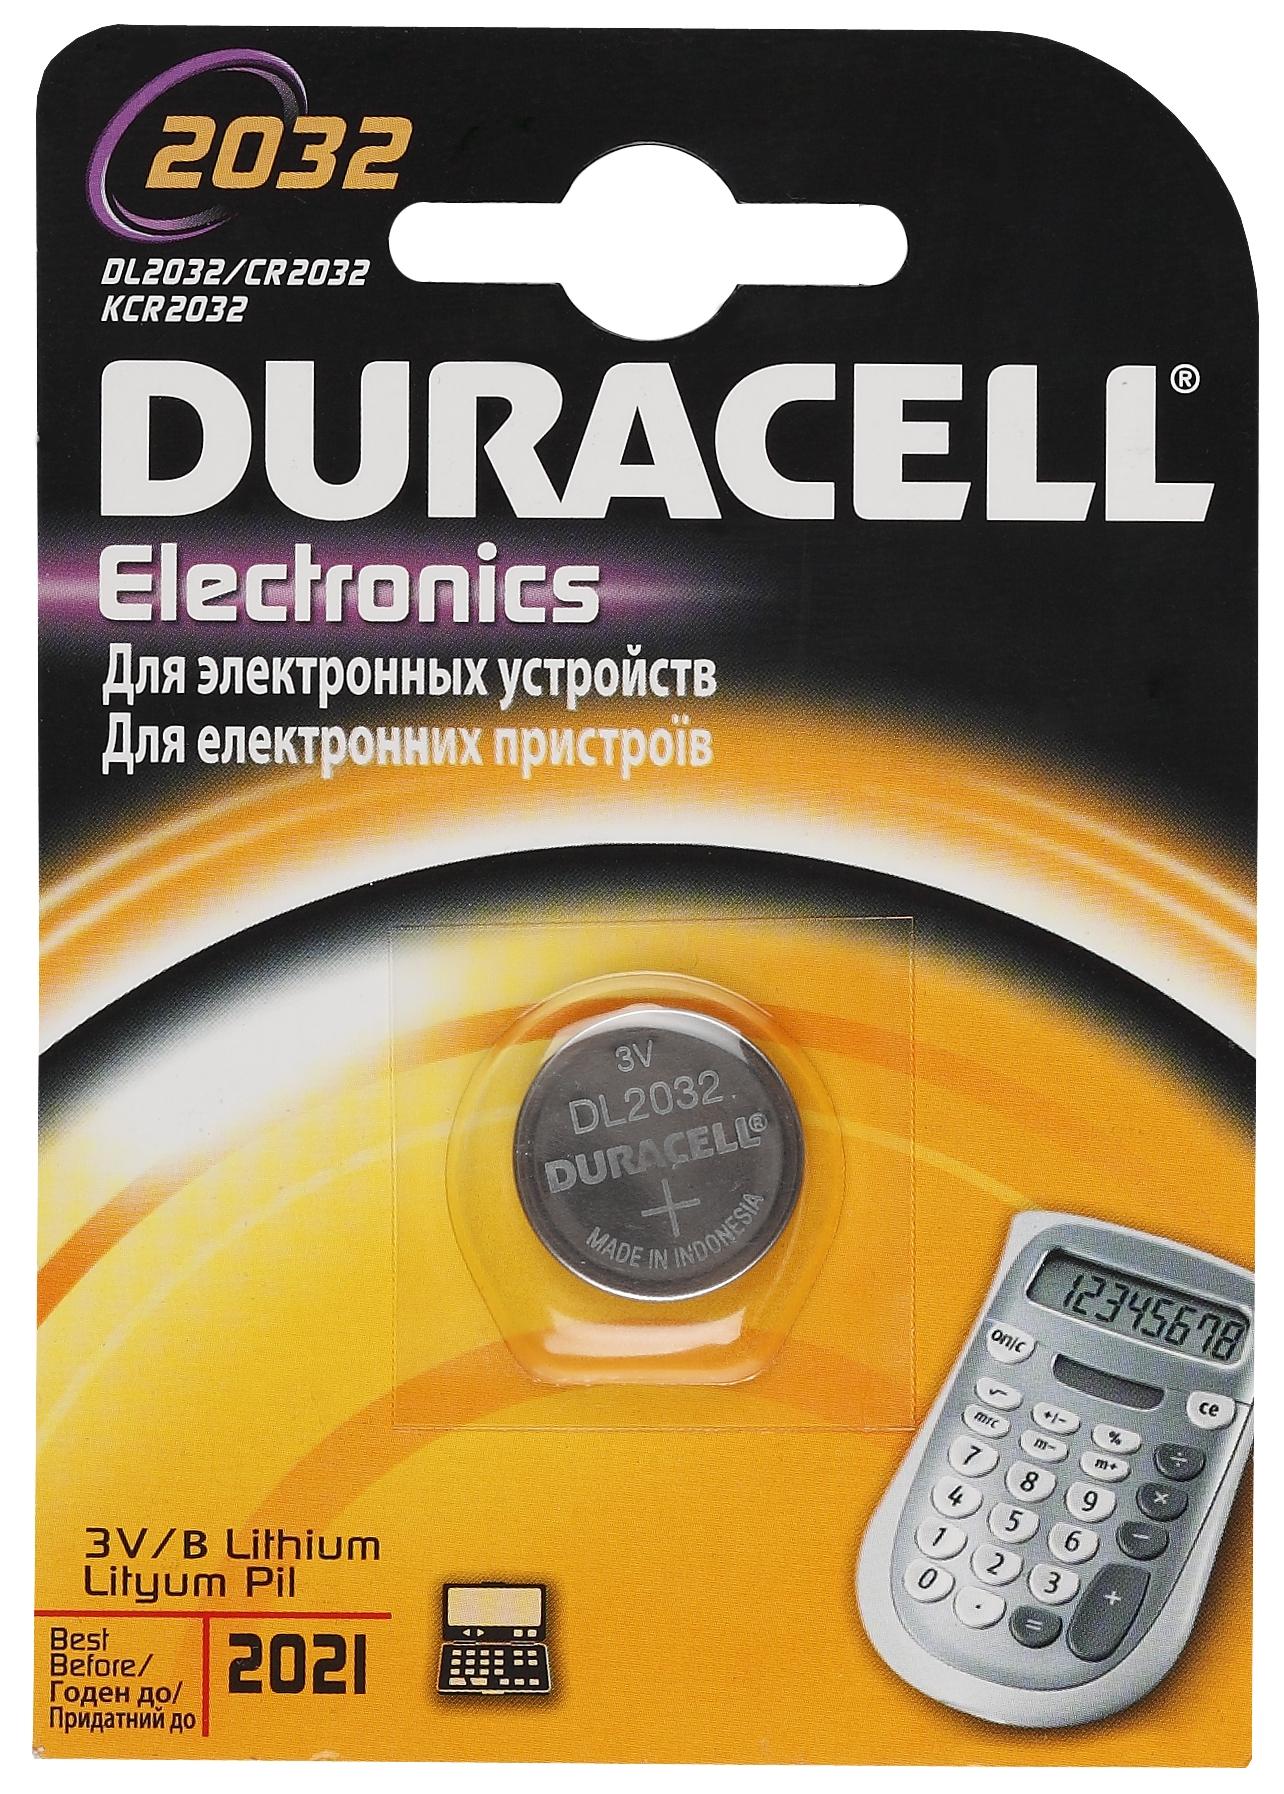 Батарейка DuracellБатарейки, аккумуляторы и зарядные устройства<br>Напряжение: 3,<br>Емкость аккумулятора: 0.22,<br>Тип: CR2032,<br>Вид: батарейка,<br>Количество в упаковке: 1,<br>Вес нетто: 0.01<br>